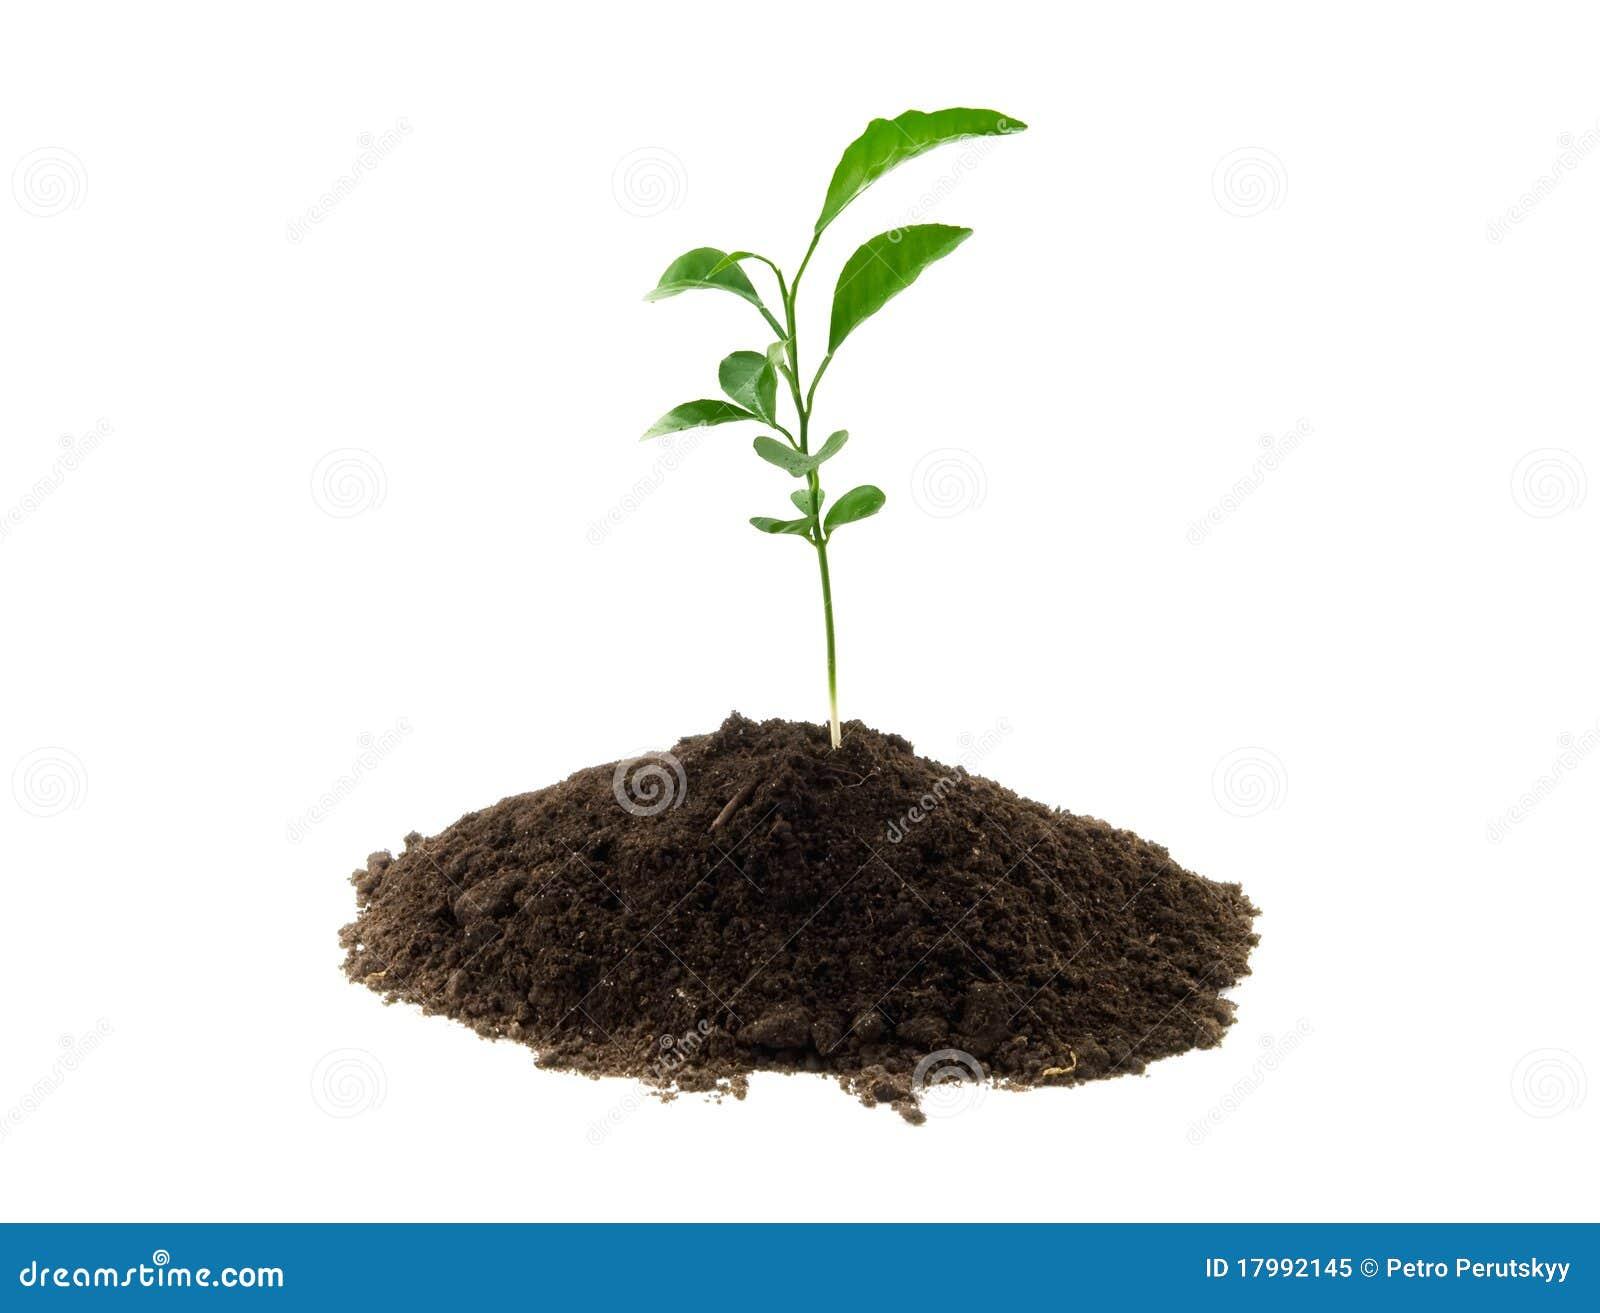 Pianta verde giovane immagine stock immagine di for Pianta da pavimento verde